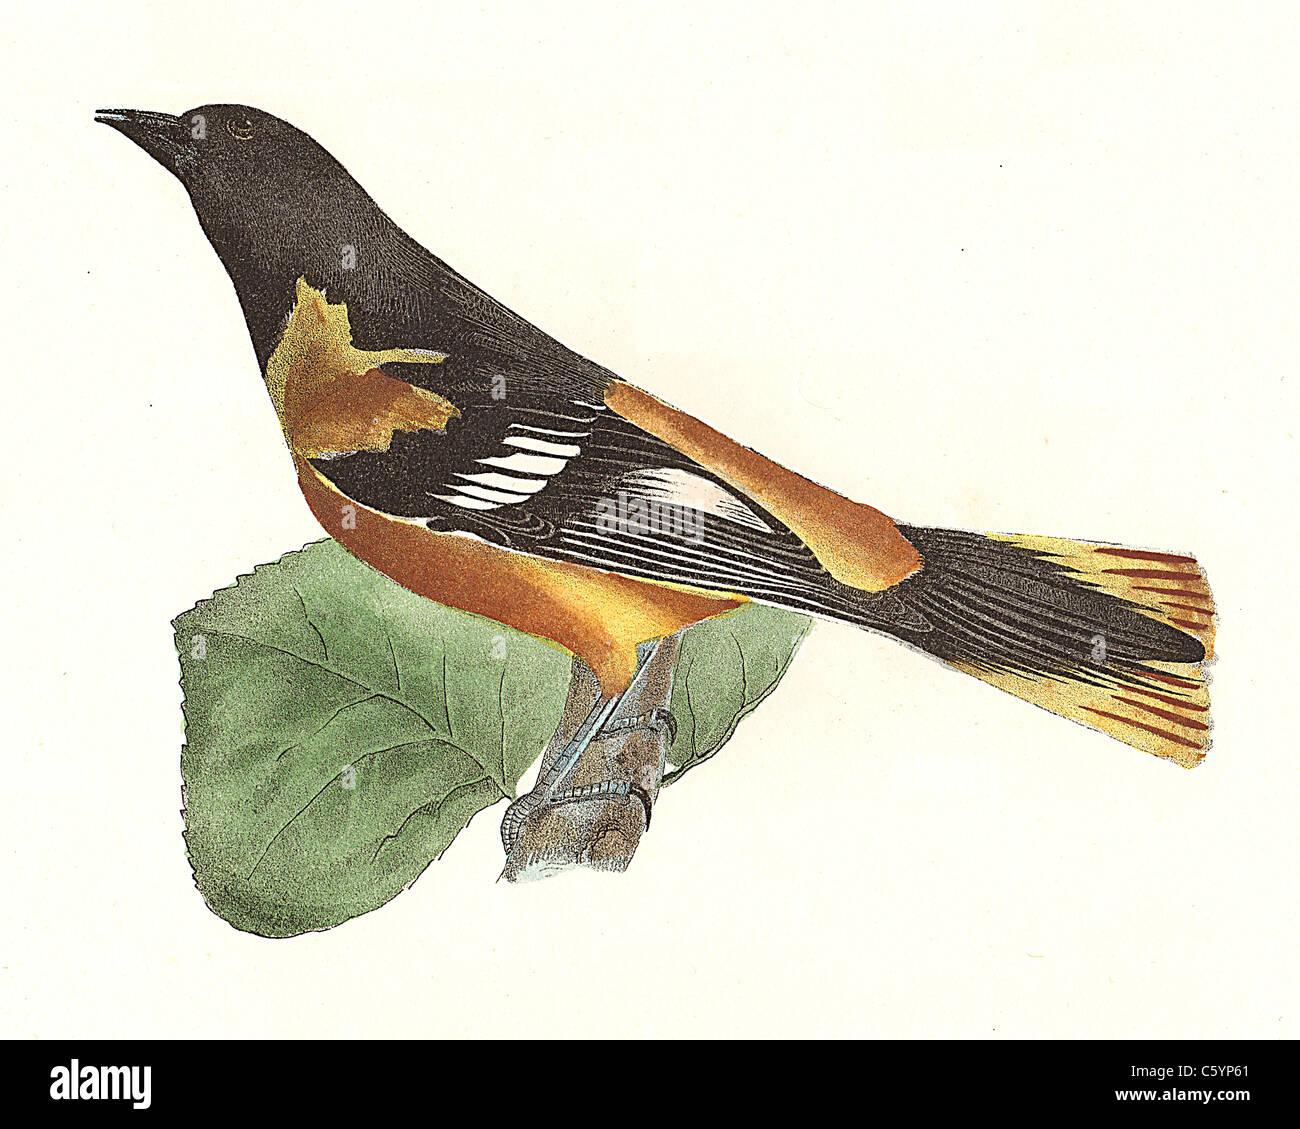 La Oropéndola o Baltimore oriole, macho (ictericia baltimore, ictericia galbula) vintage litografía de aves - James de Kay, zoología de NY, la fauna, las aves Foto de stock